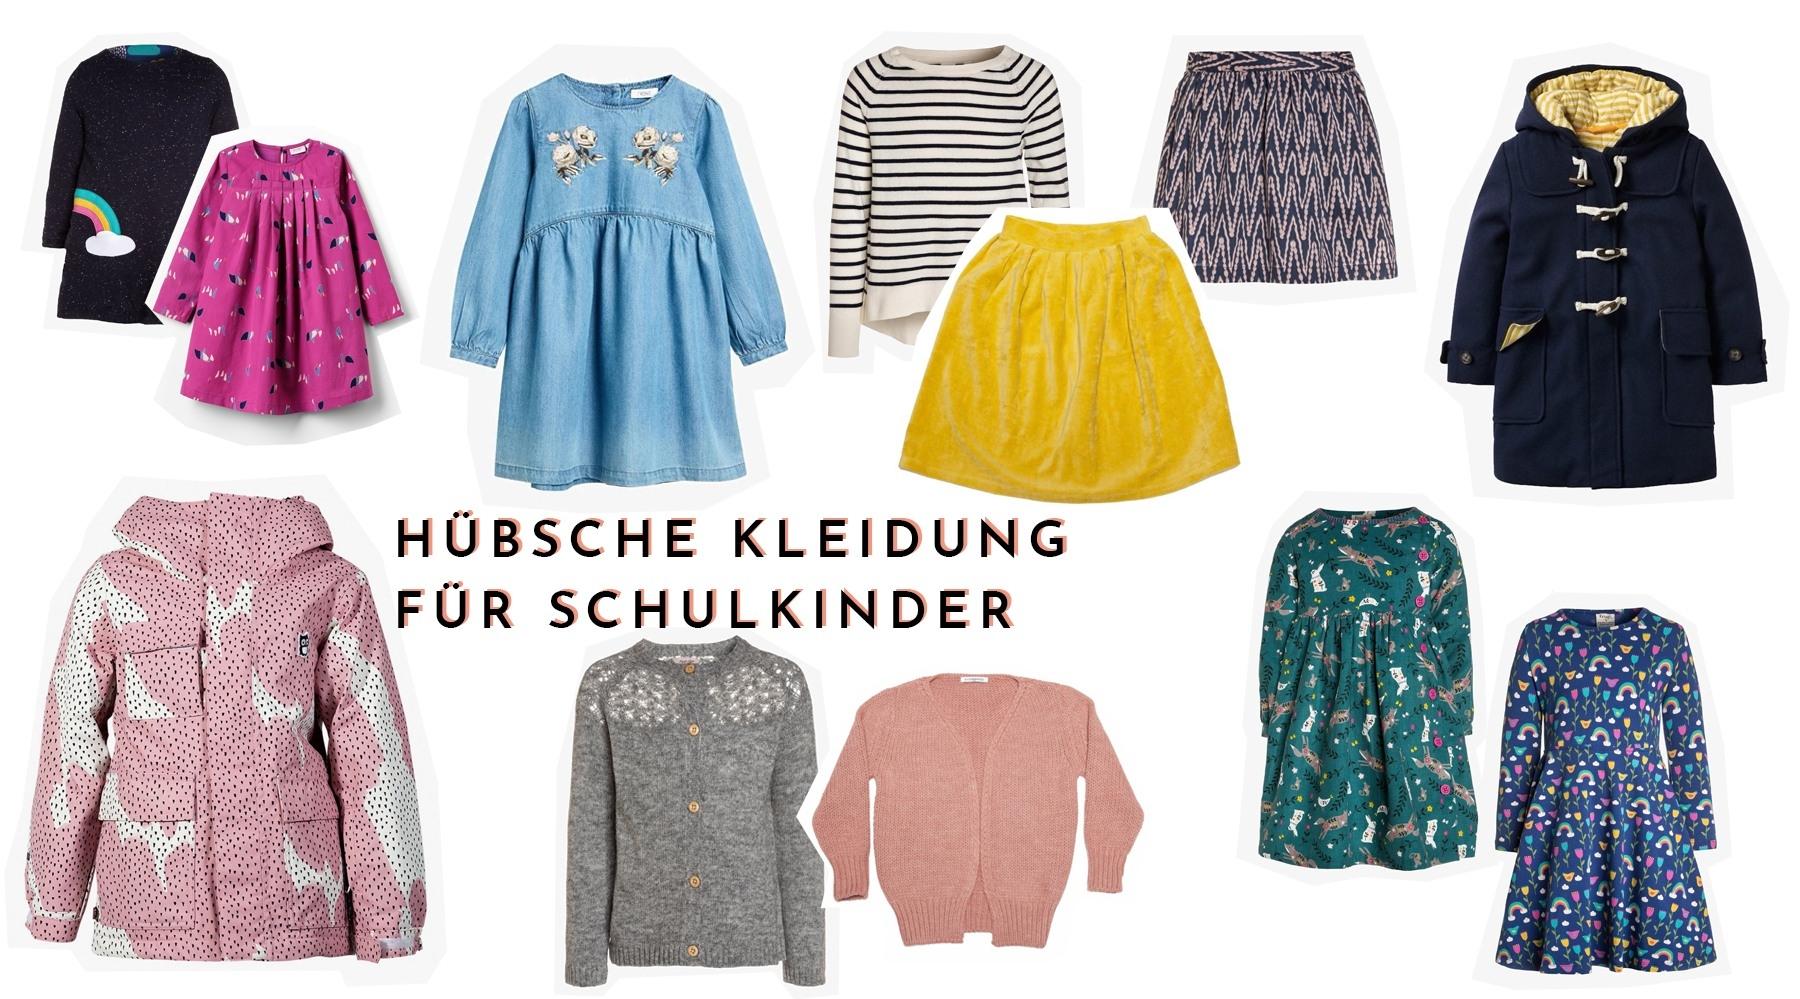 15 Perfekt Kleidung für 201920 Schön Kleidung Boutique